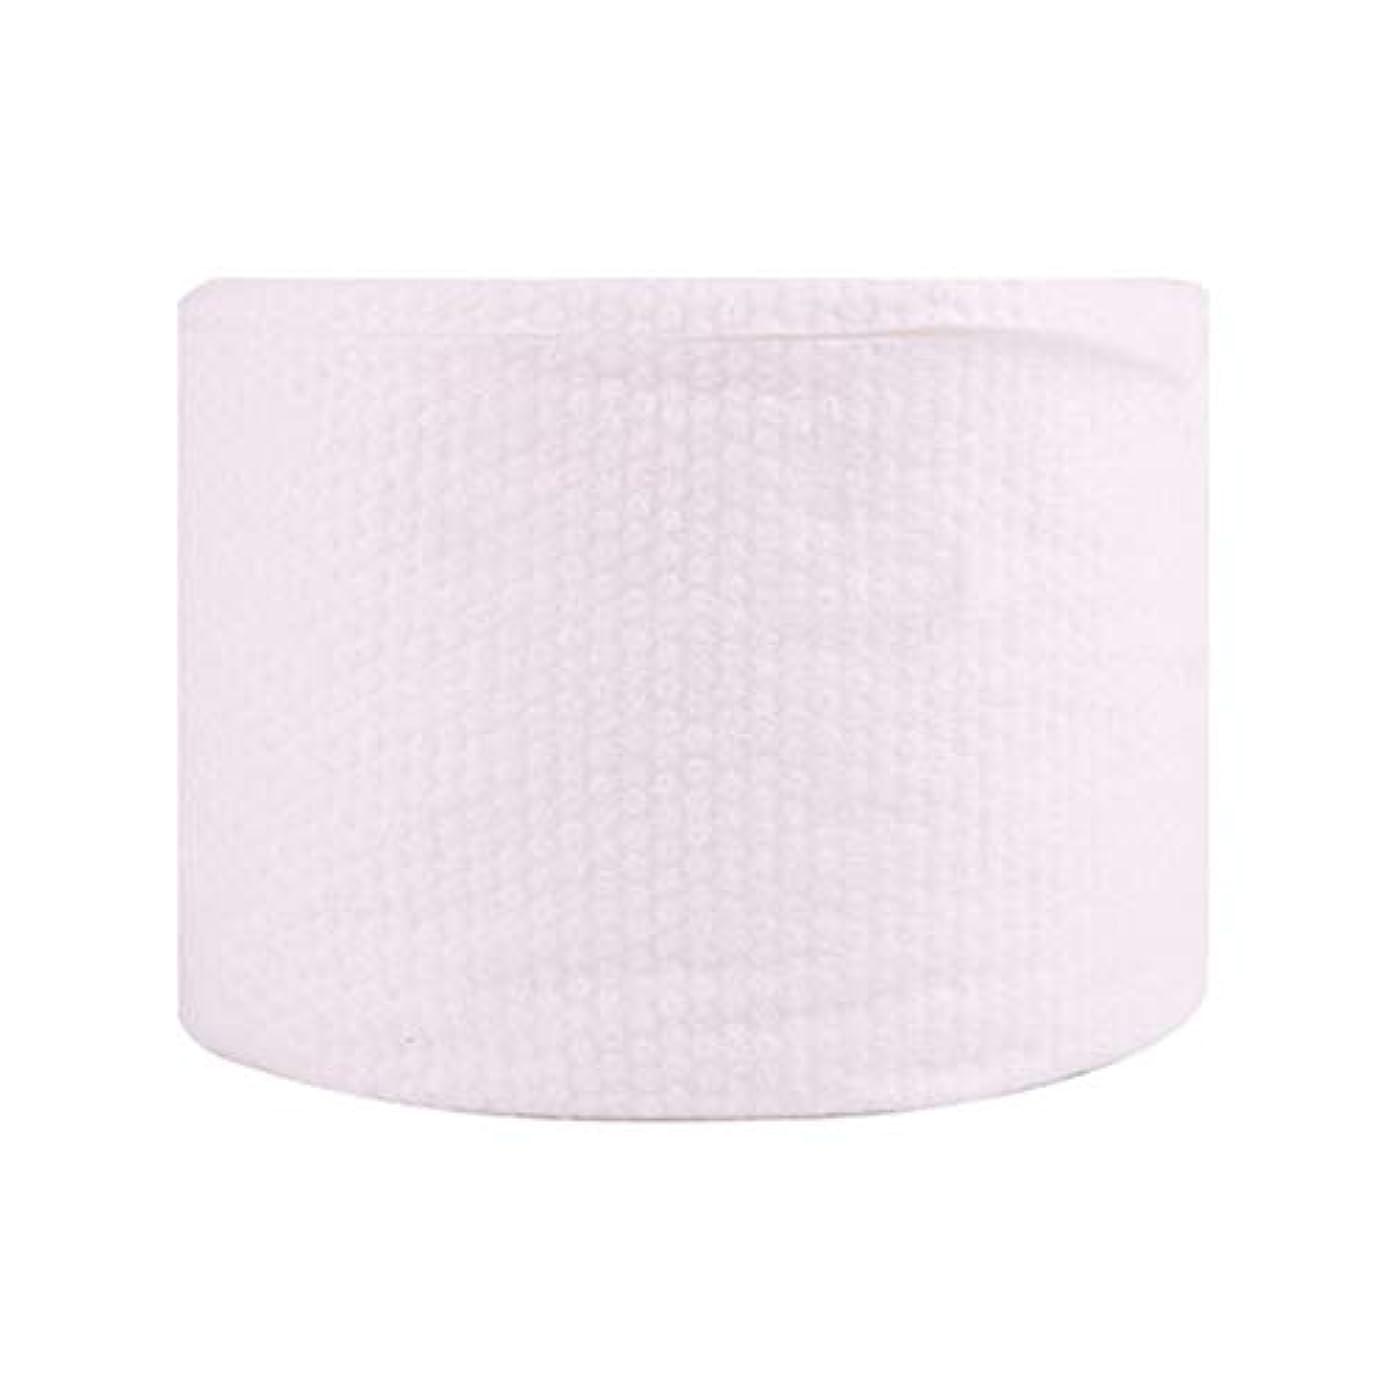 塊意気揚々オーブンCUHAWUDBA 使い捨てフェイスタオル化粧拭き取り綿パッド メイク落としパッド ソフトパッド化粧品 フェイスマスククレンジングケアフェイシャルナプキン